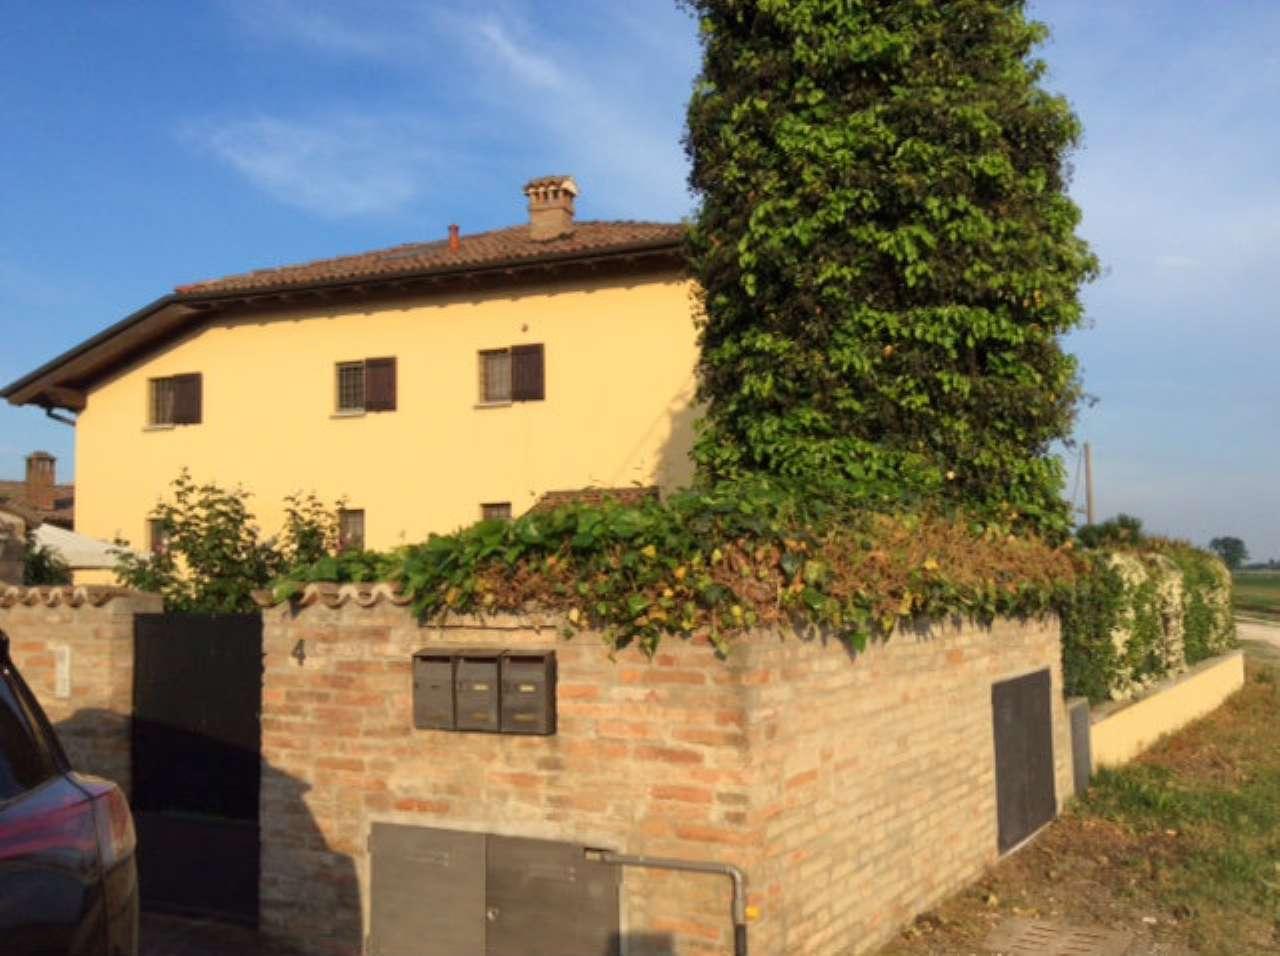 Villa - Casa in Budrio (BO). Ville - Case a Budrio (BO), Pagina 2 ...